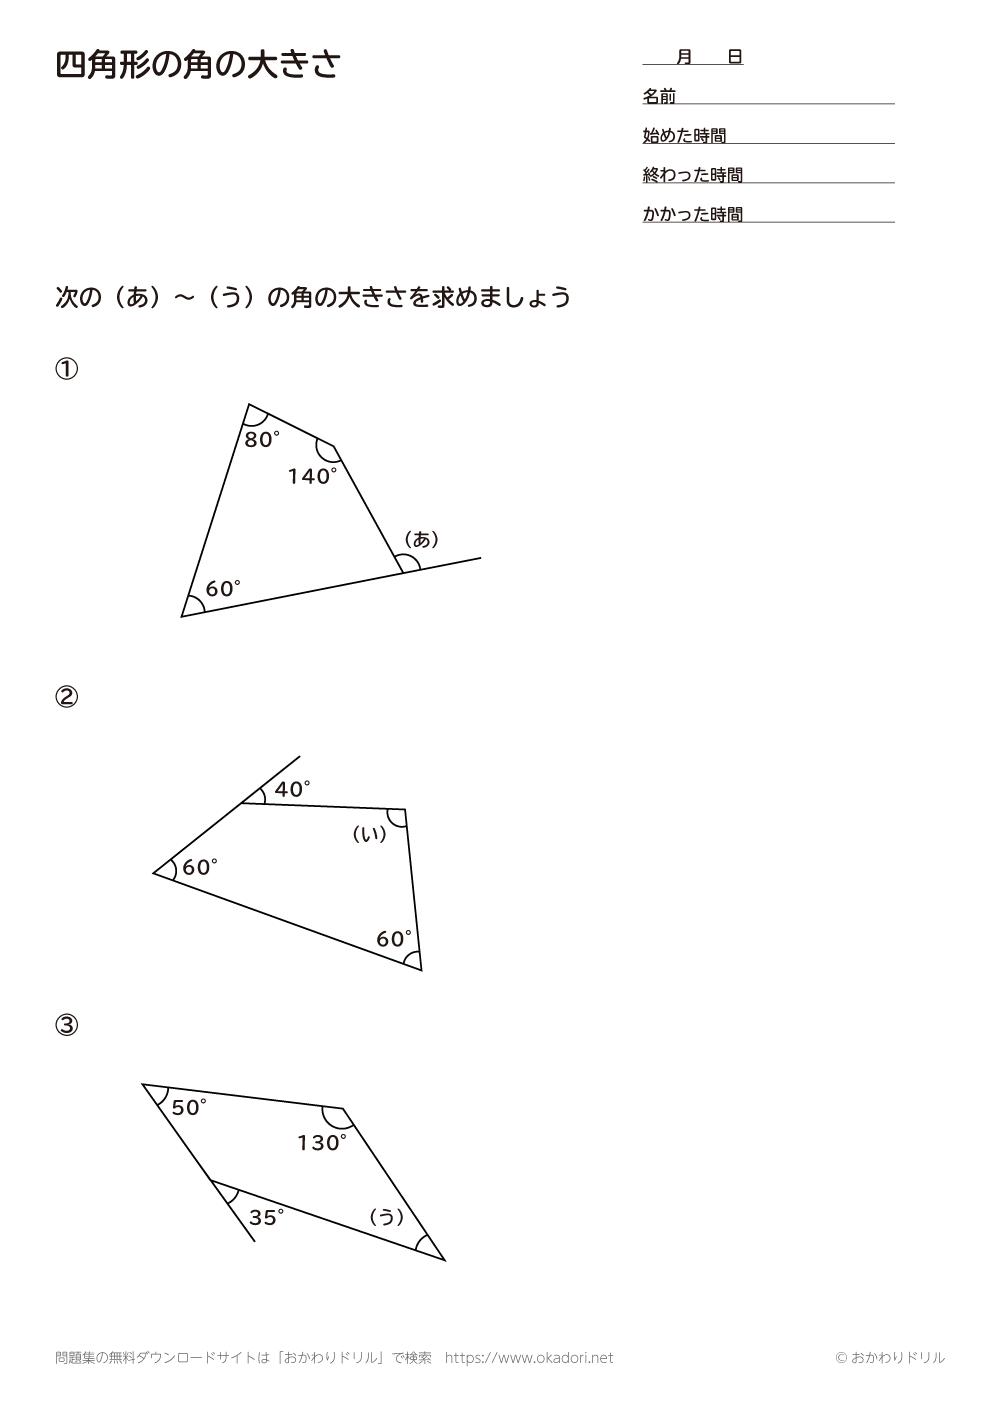 四角形の角の大きさ5